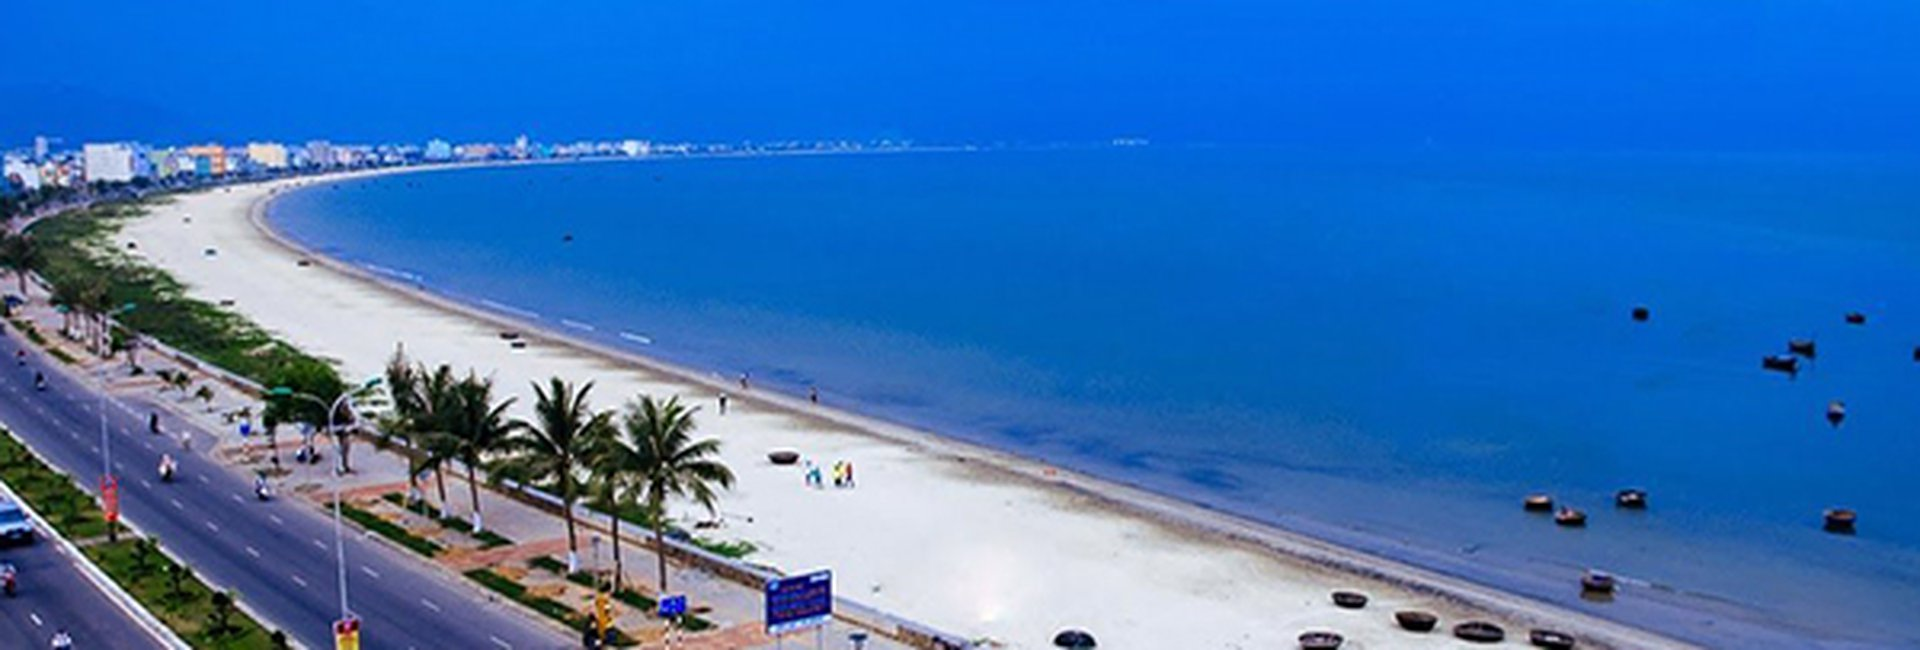 Top 10 bãi biển đẹp nhất Campuchia bạn không nên bỏ lỡ